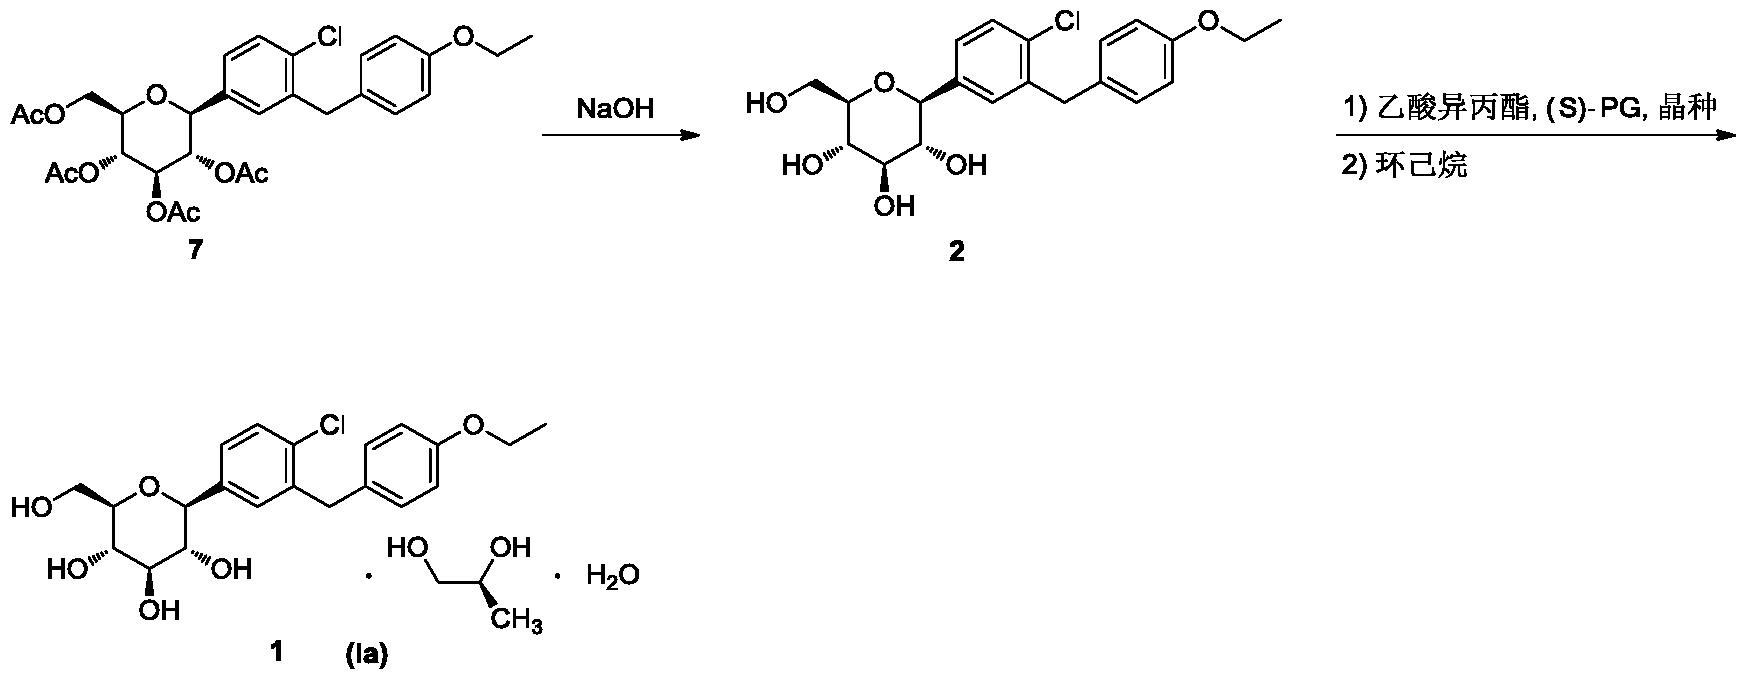 Figure PCTCN2017086106-appb-000006